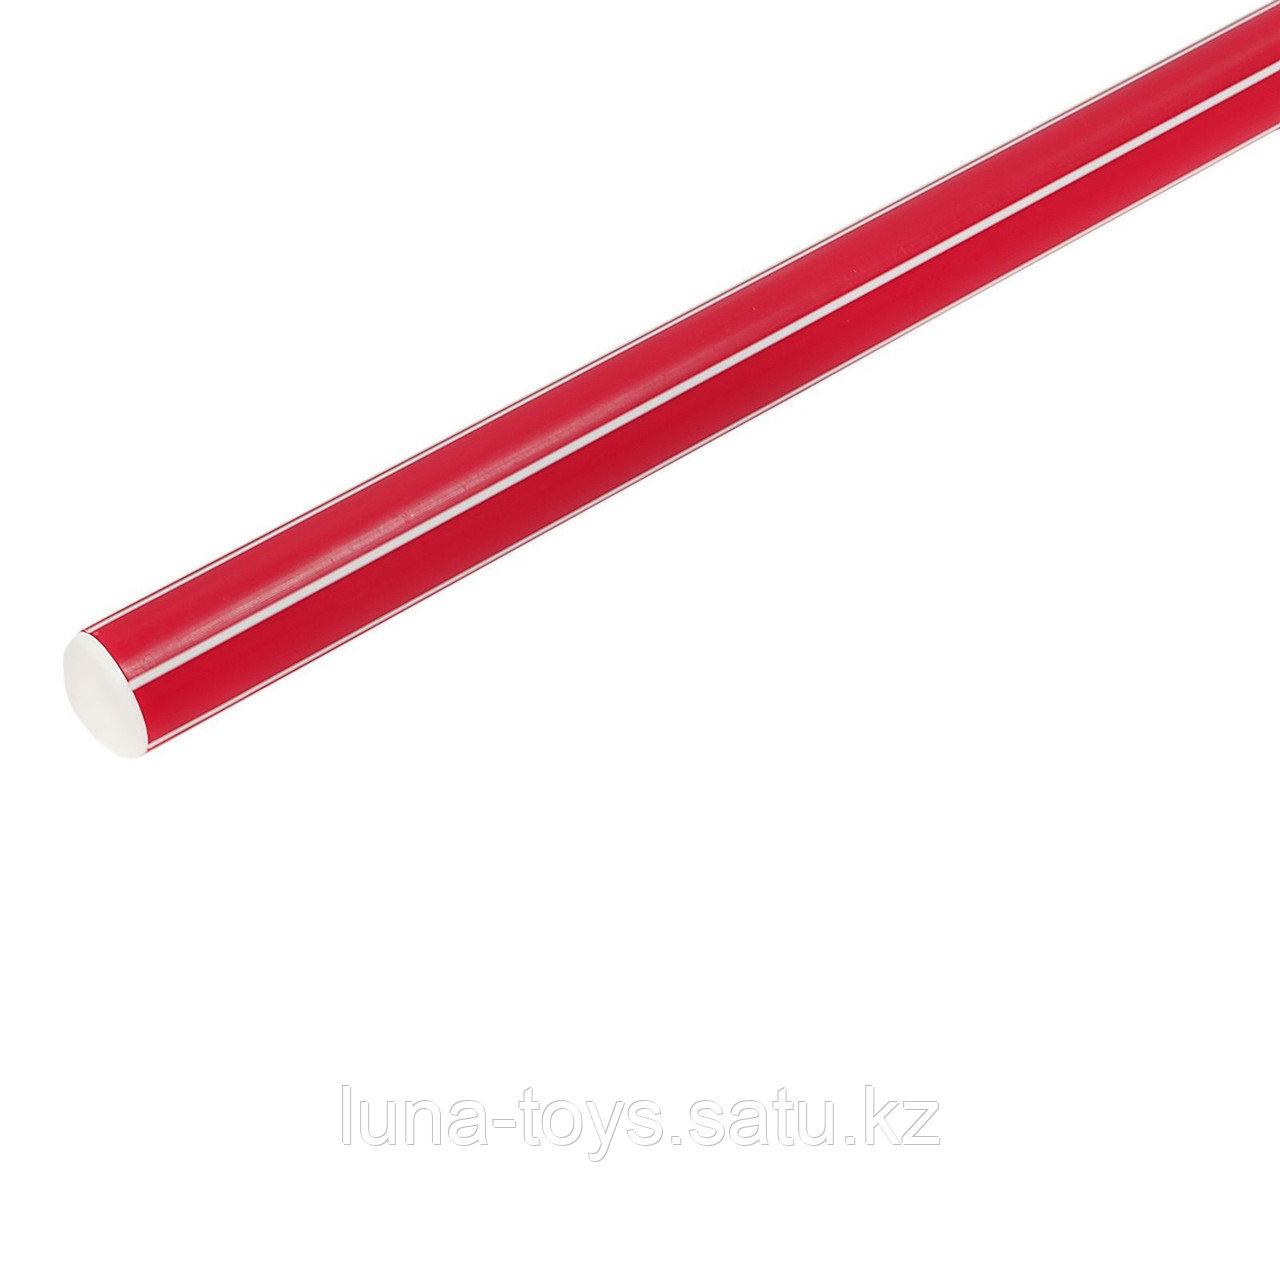 Палка гимнастическая 70см, цвет: красный